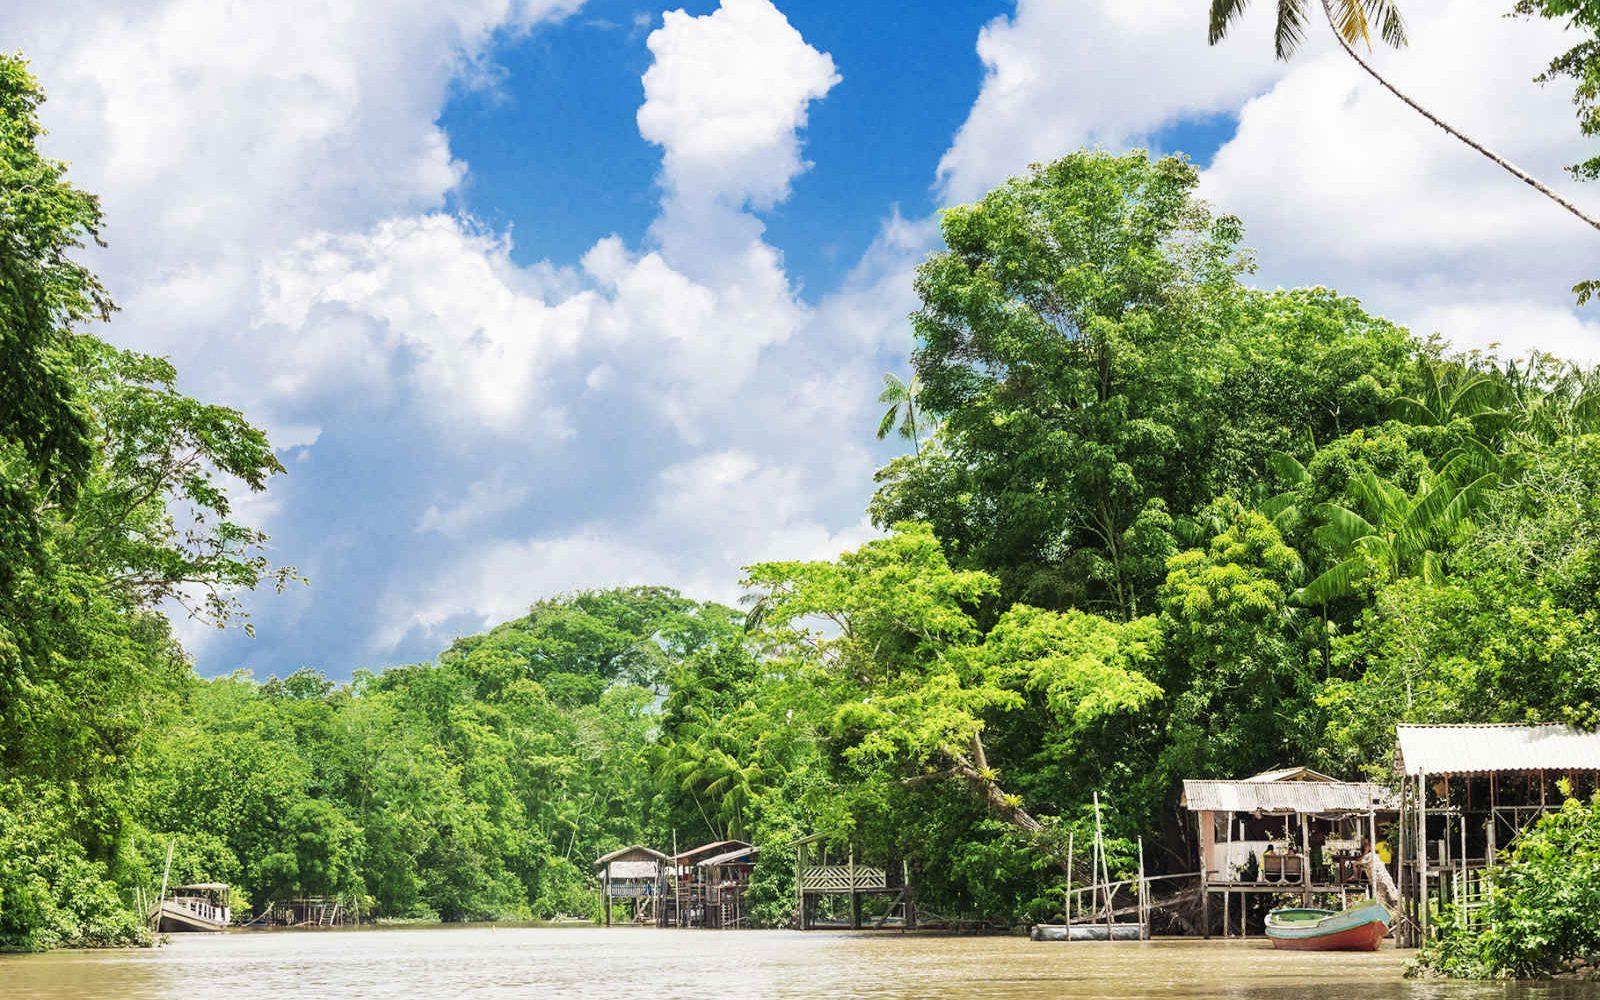 Fleuve Amazone, Amazonie, Brésil